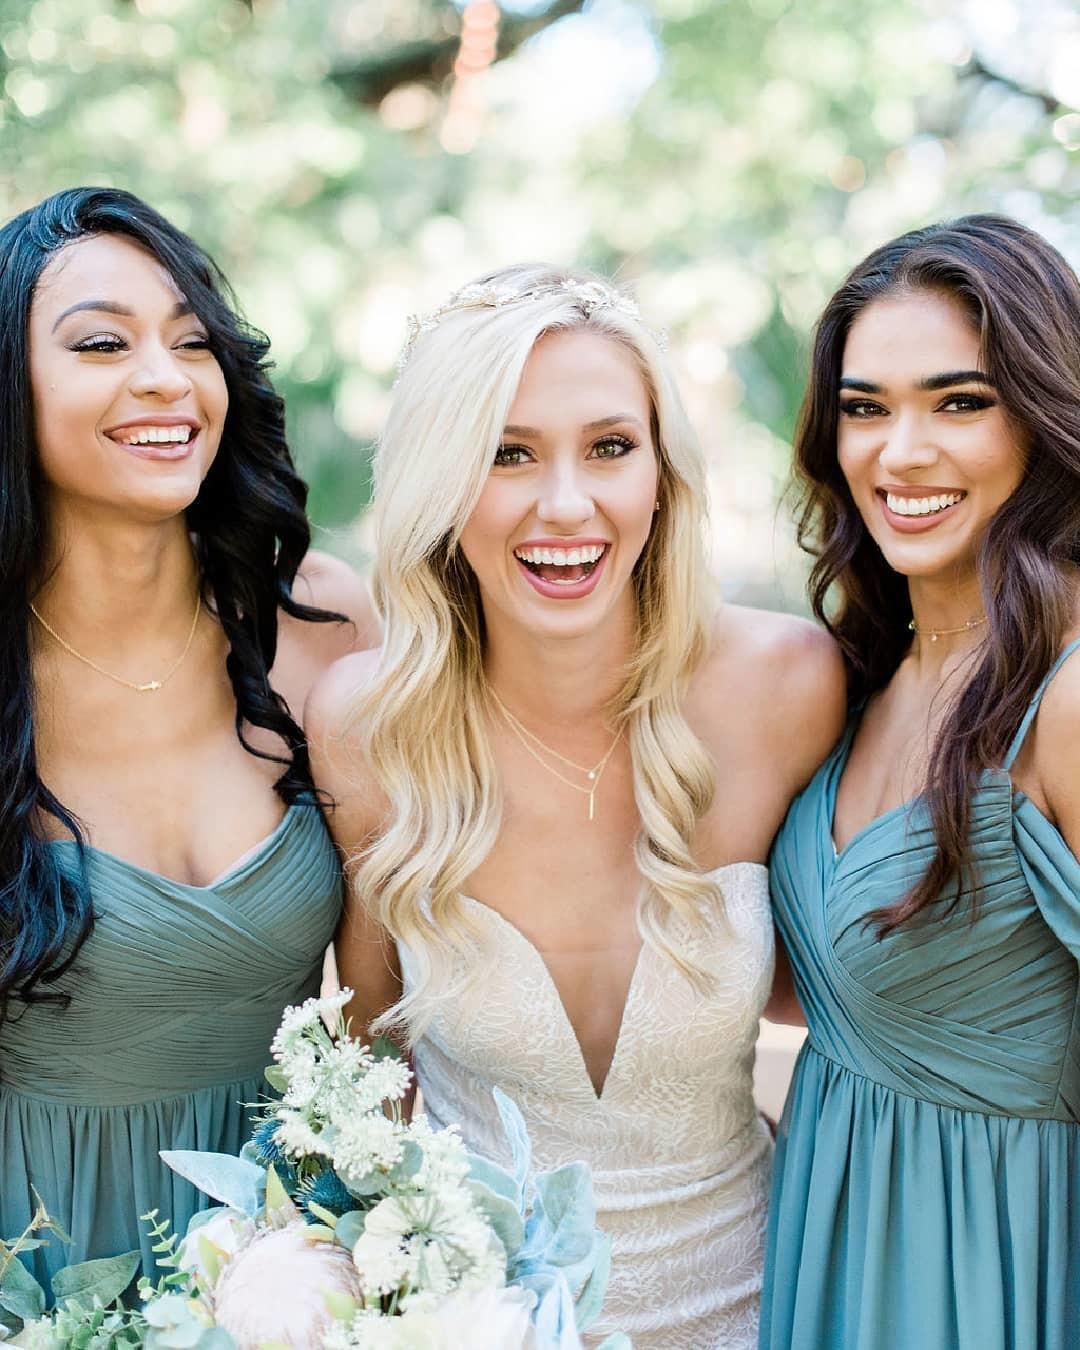 Das richtige Styling für die strahlende Braut